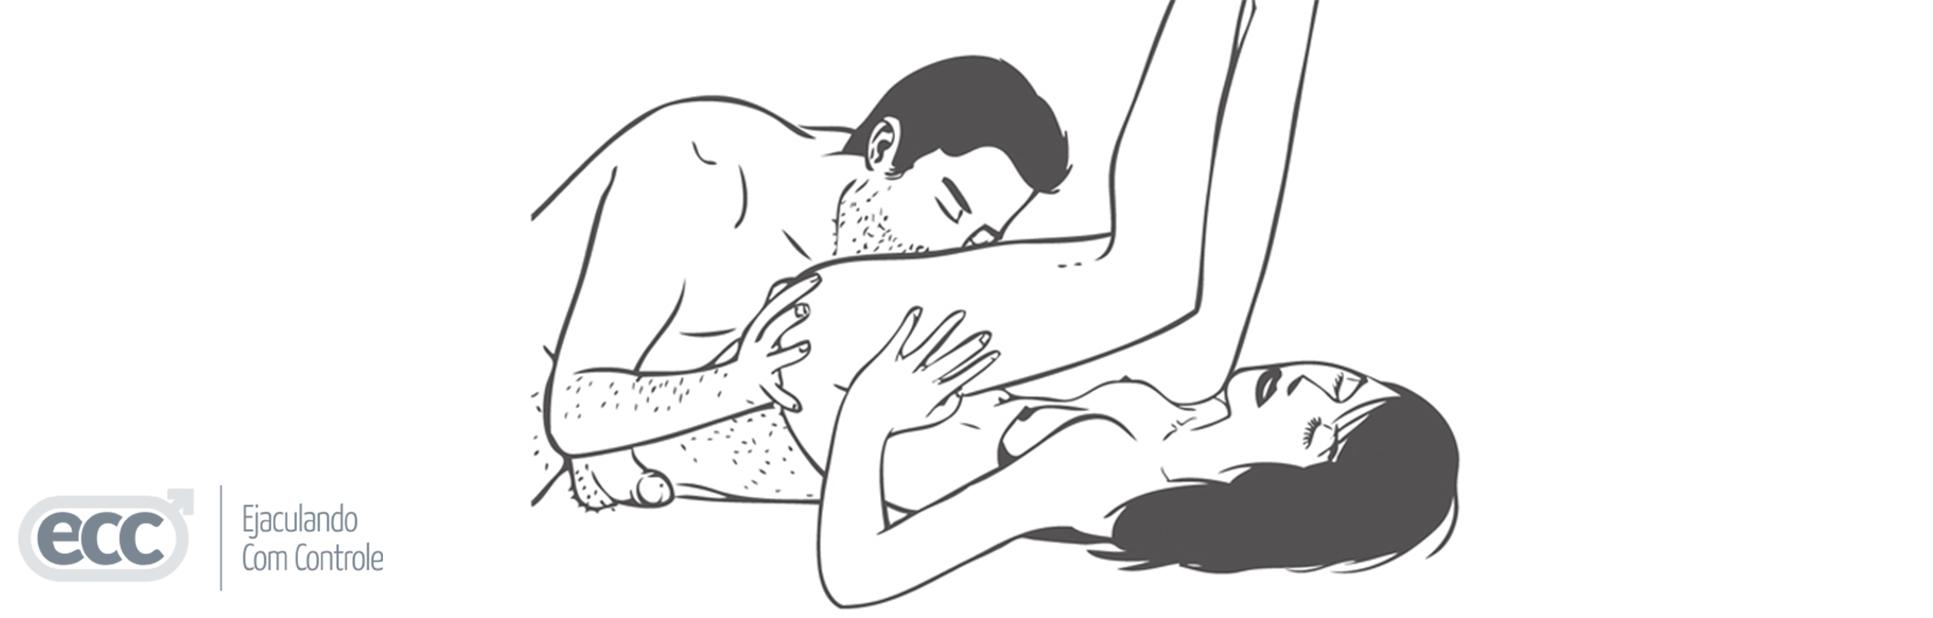 Como fazer sexo anal